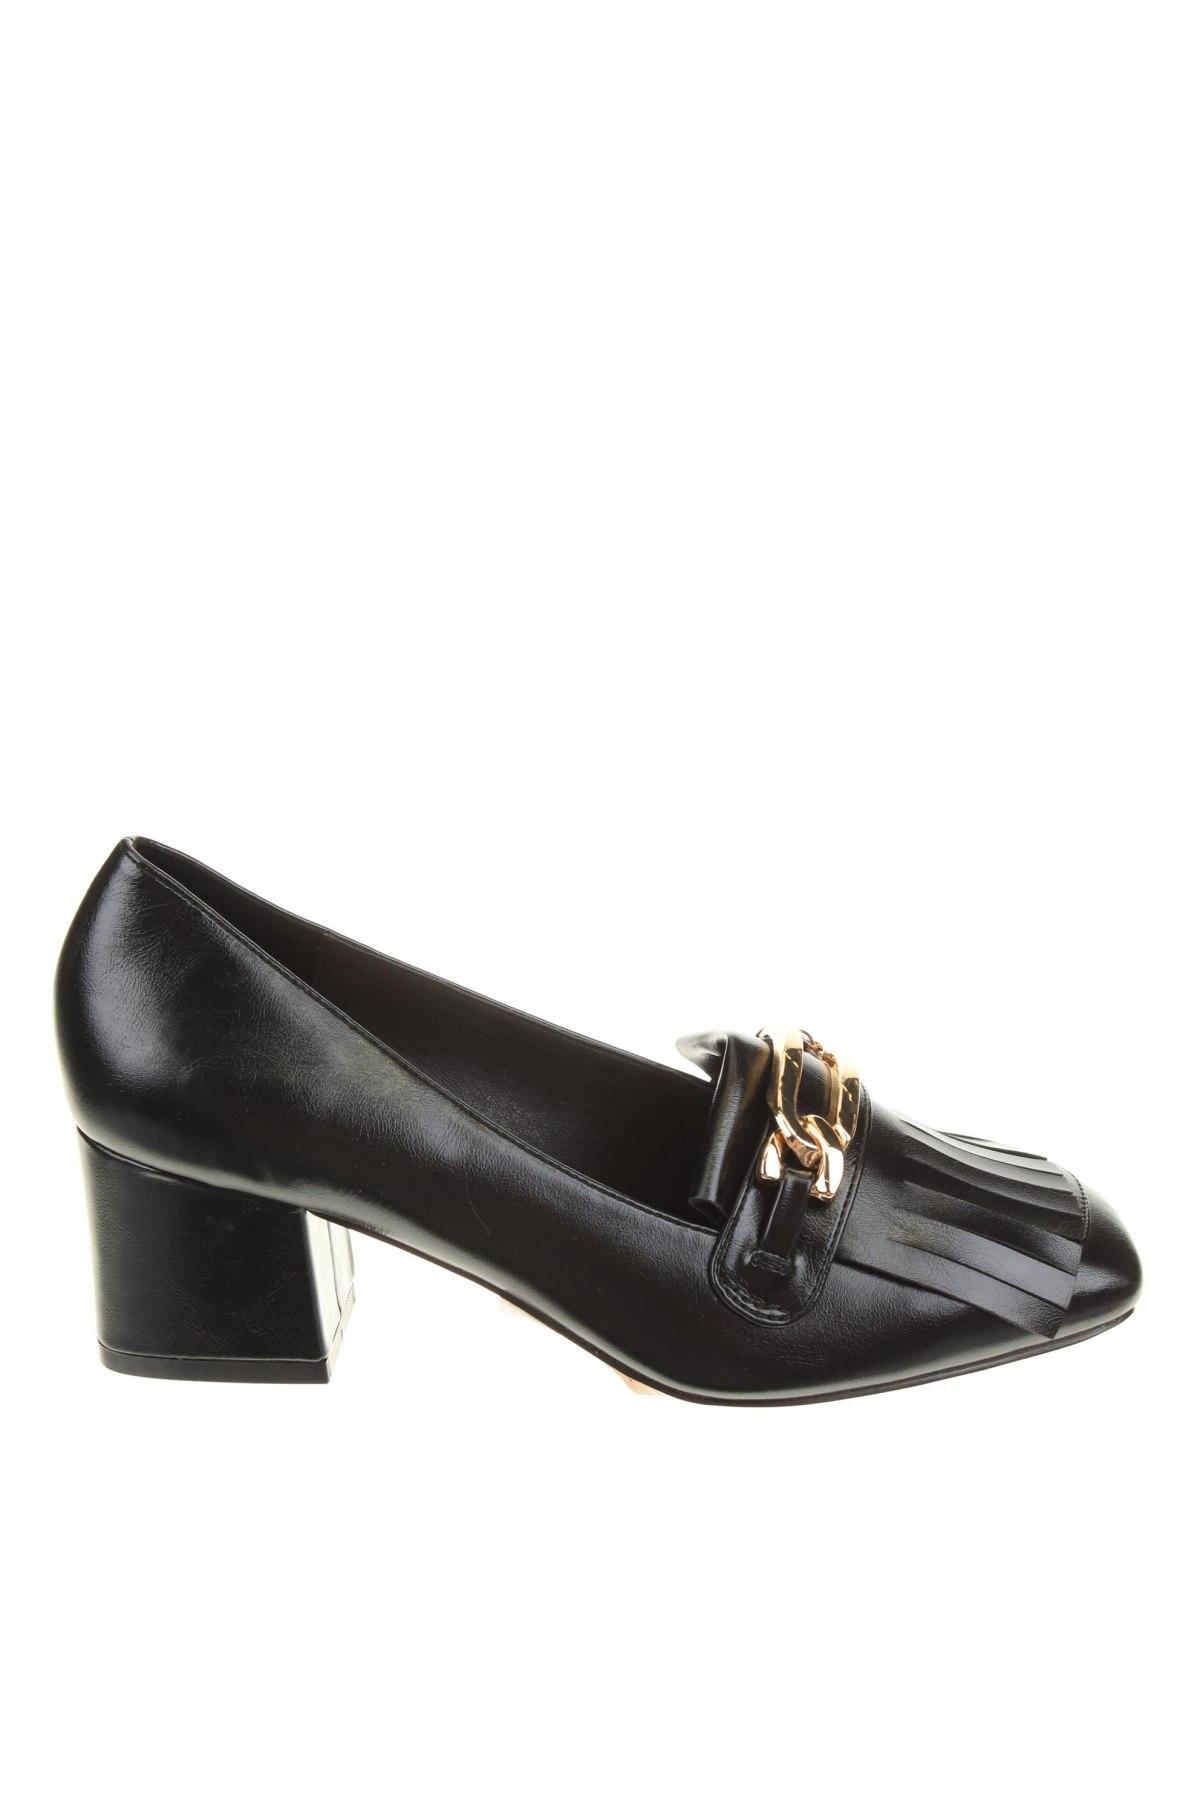 Дамски обувки River Island, Размер 40, Цвят Черен, Еко кожа, Цена 24,90лв.